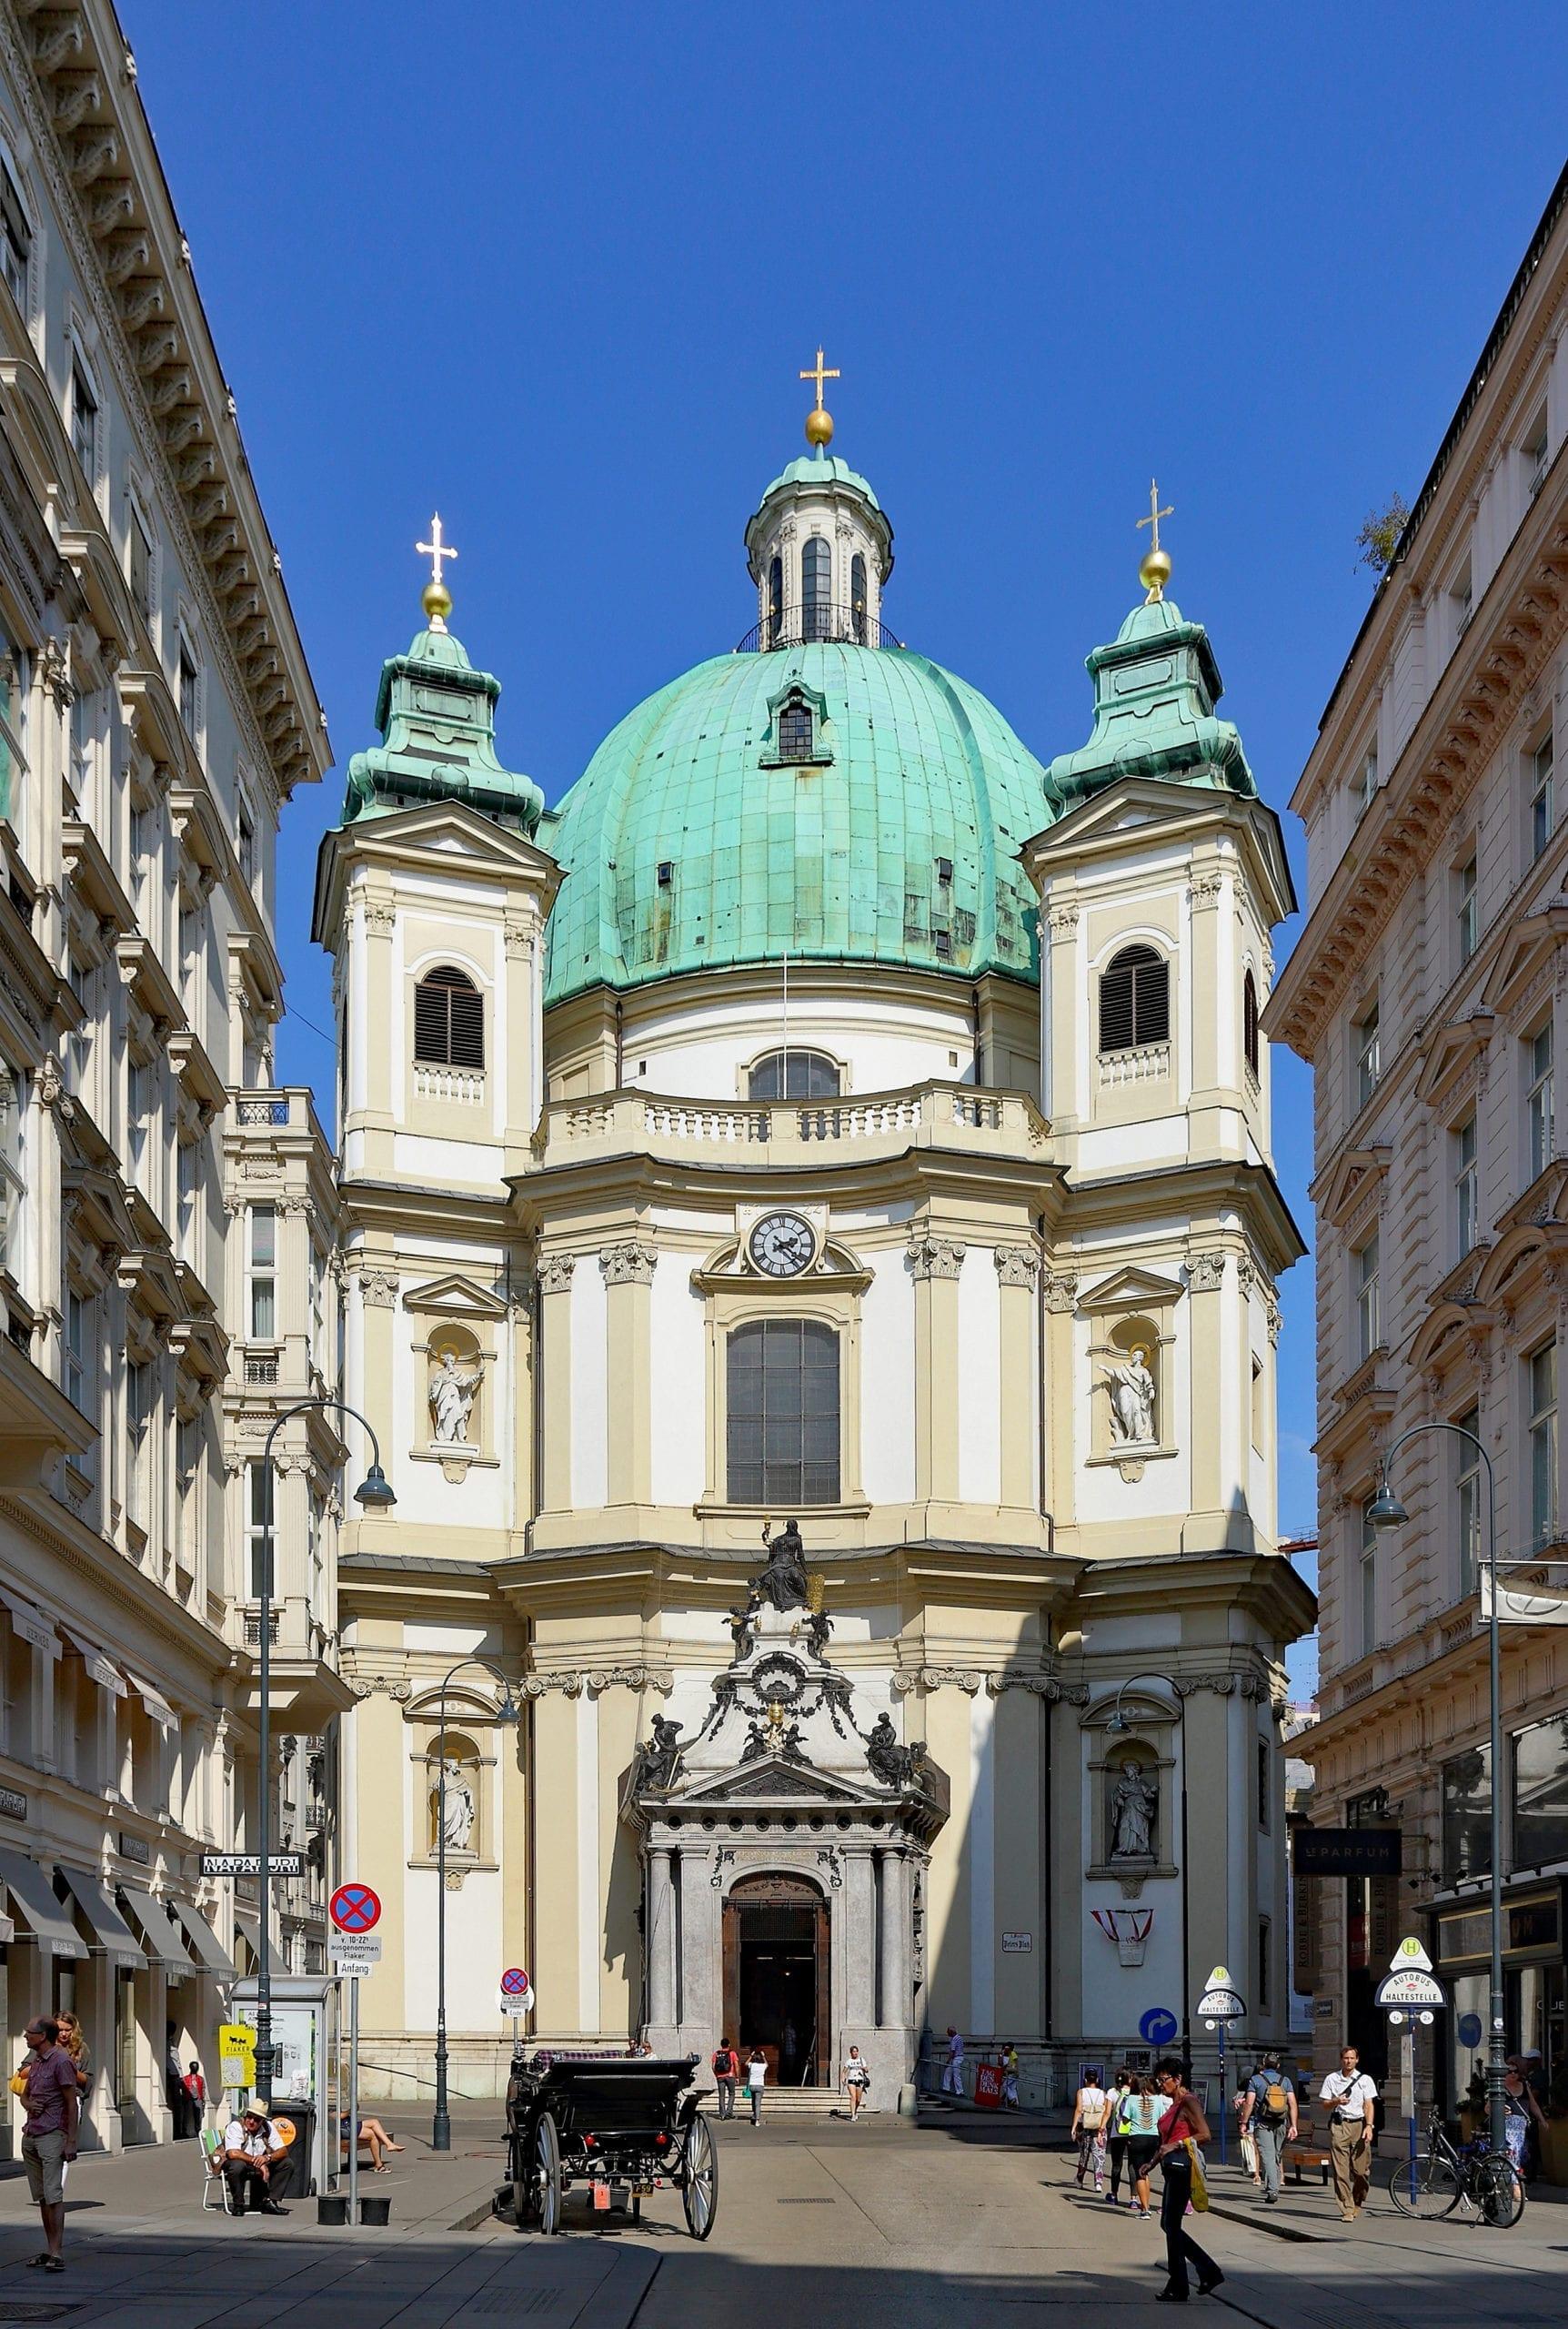 Domingo de manhã,  Igreja St Stephen's em Viena . Eles estão cantando Hallelujah